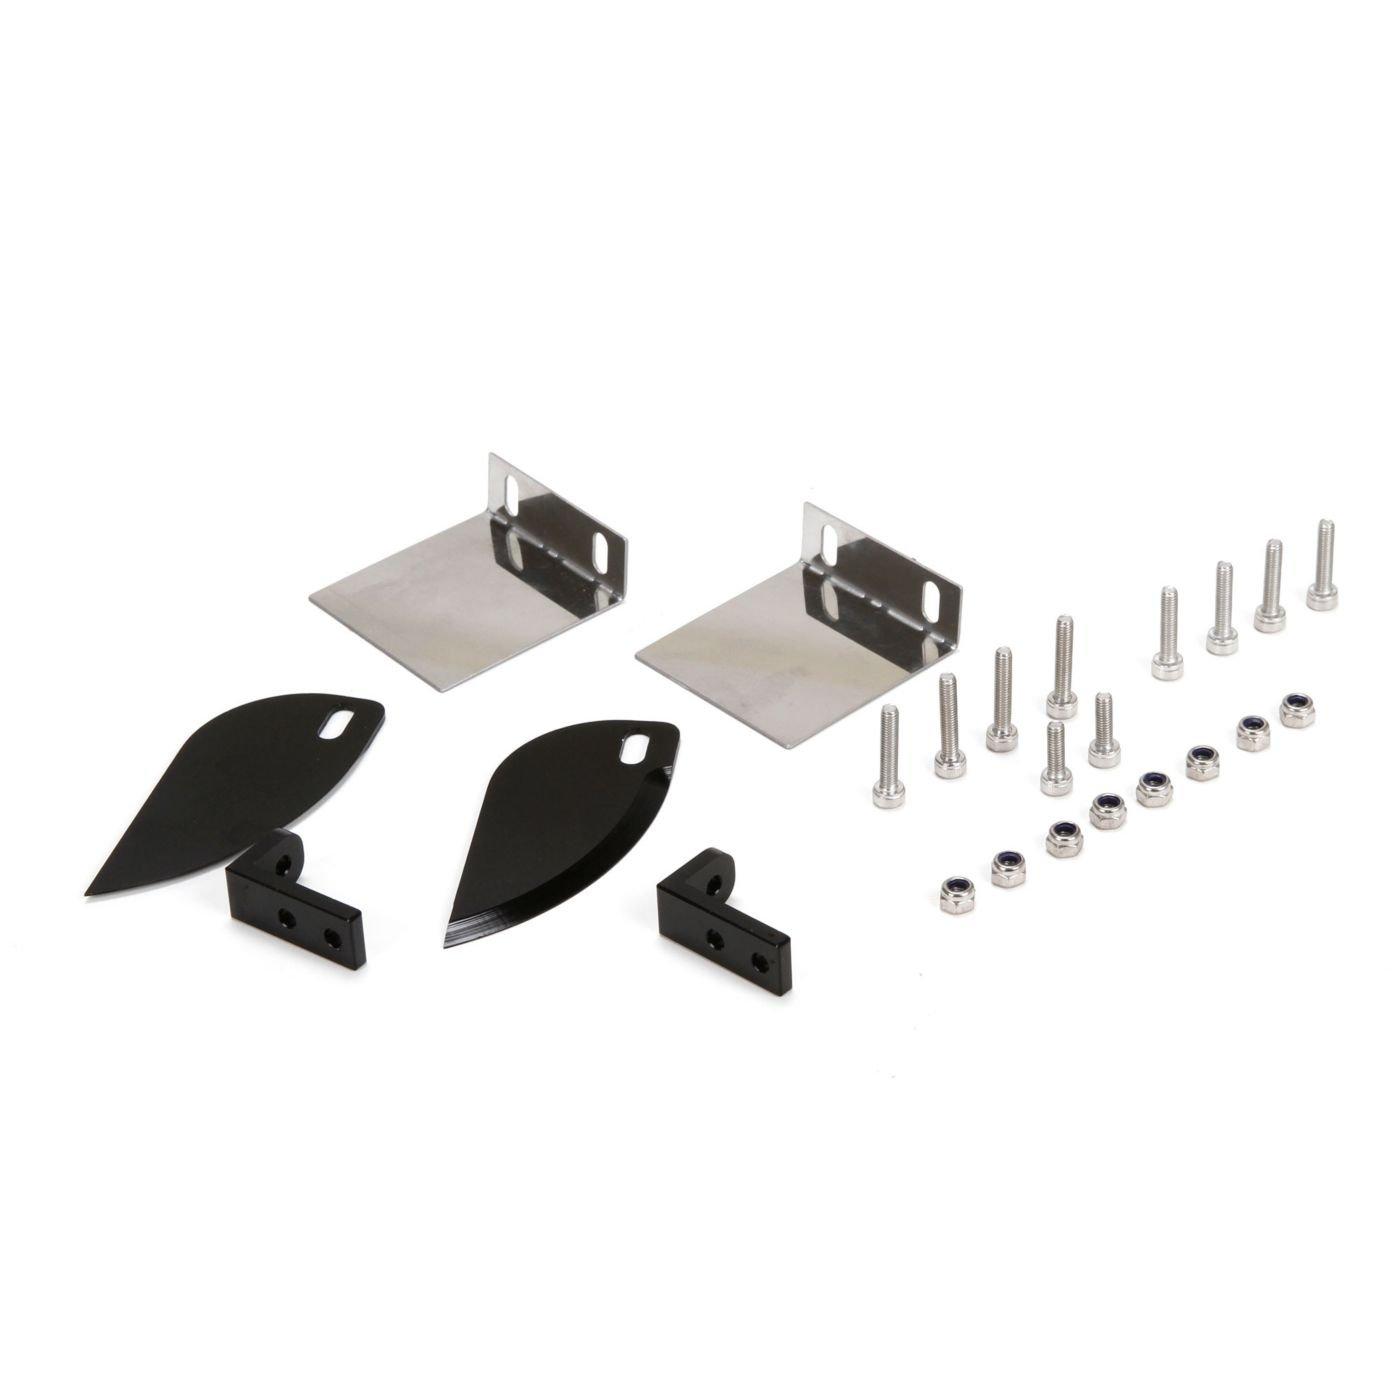 Trim Tabs, Turn Fins, Hardware: Voracity 36-inch